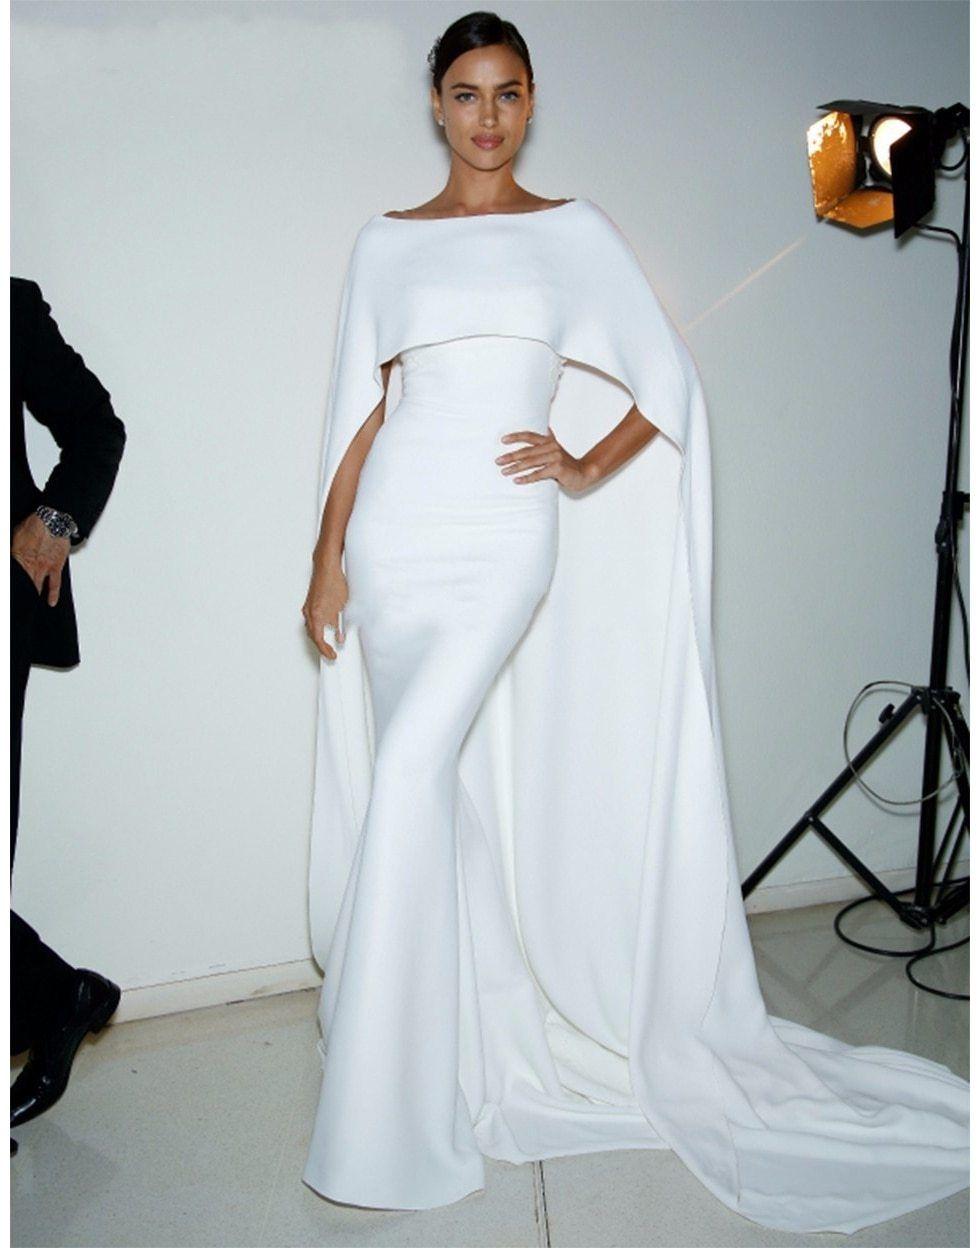 on sale 0c1ad ee392 Semplici abiti da sera bianchi lunghi 2019 con scollatura a scialle Abiti  su misura personalizzati per abiti sudafricani Elegante Robe de soiree